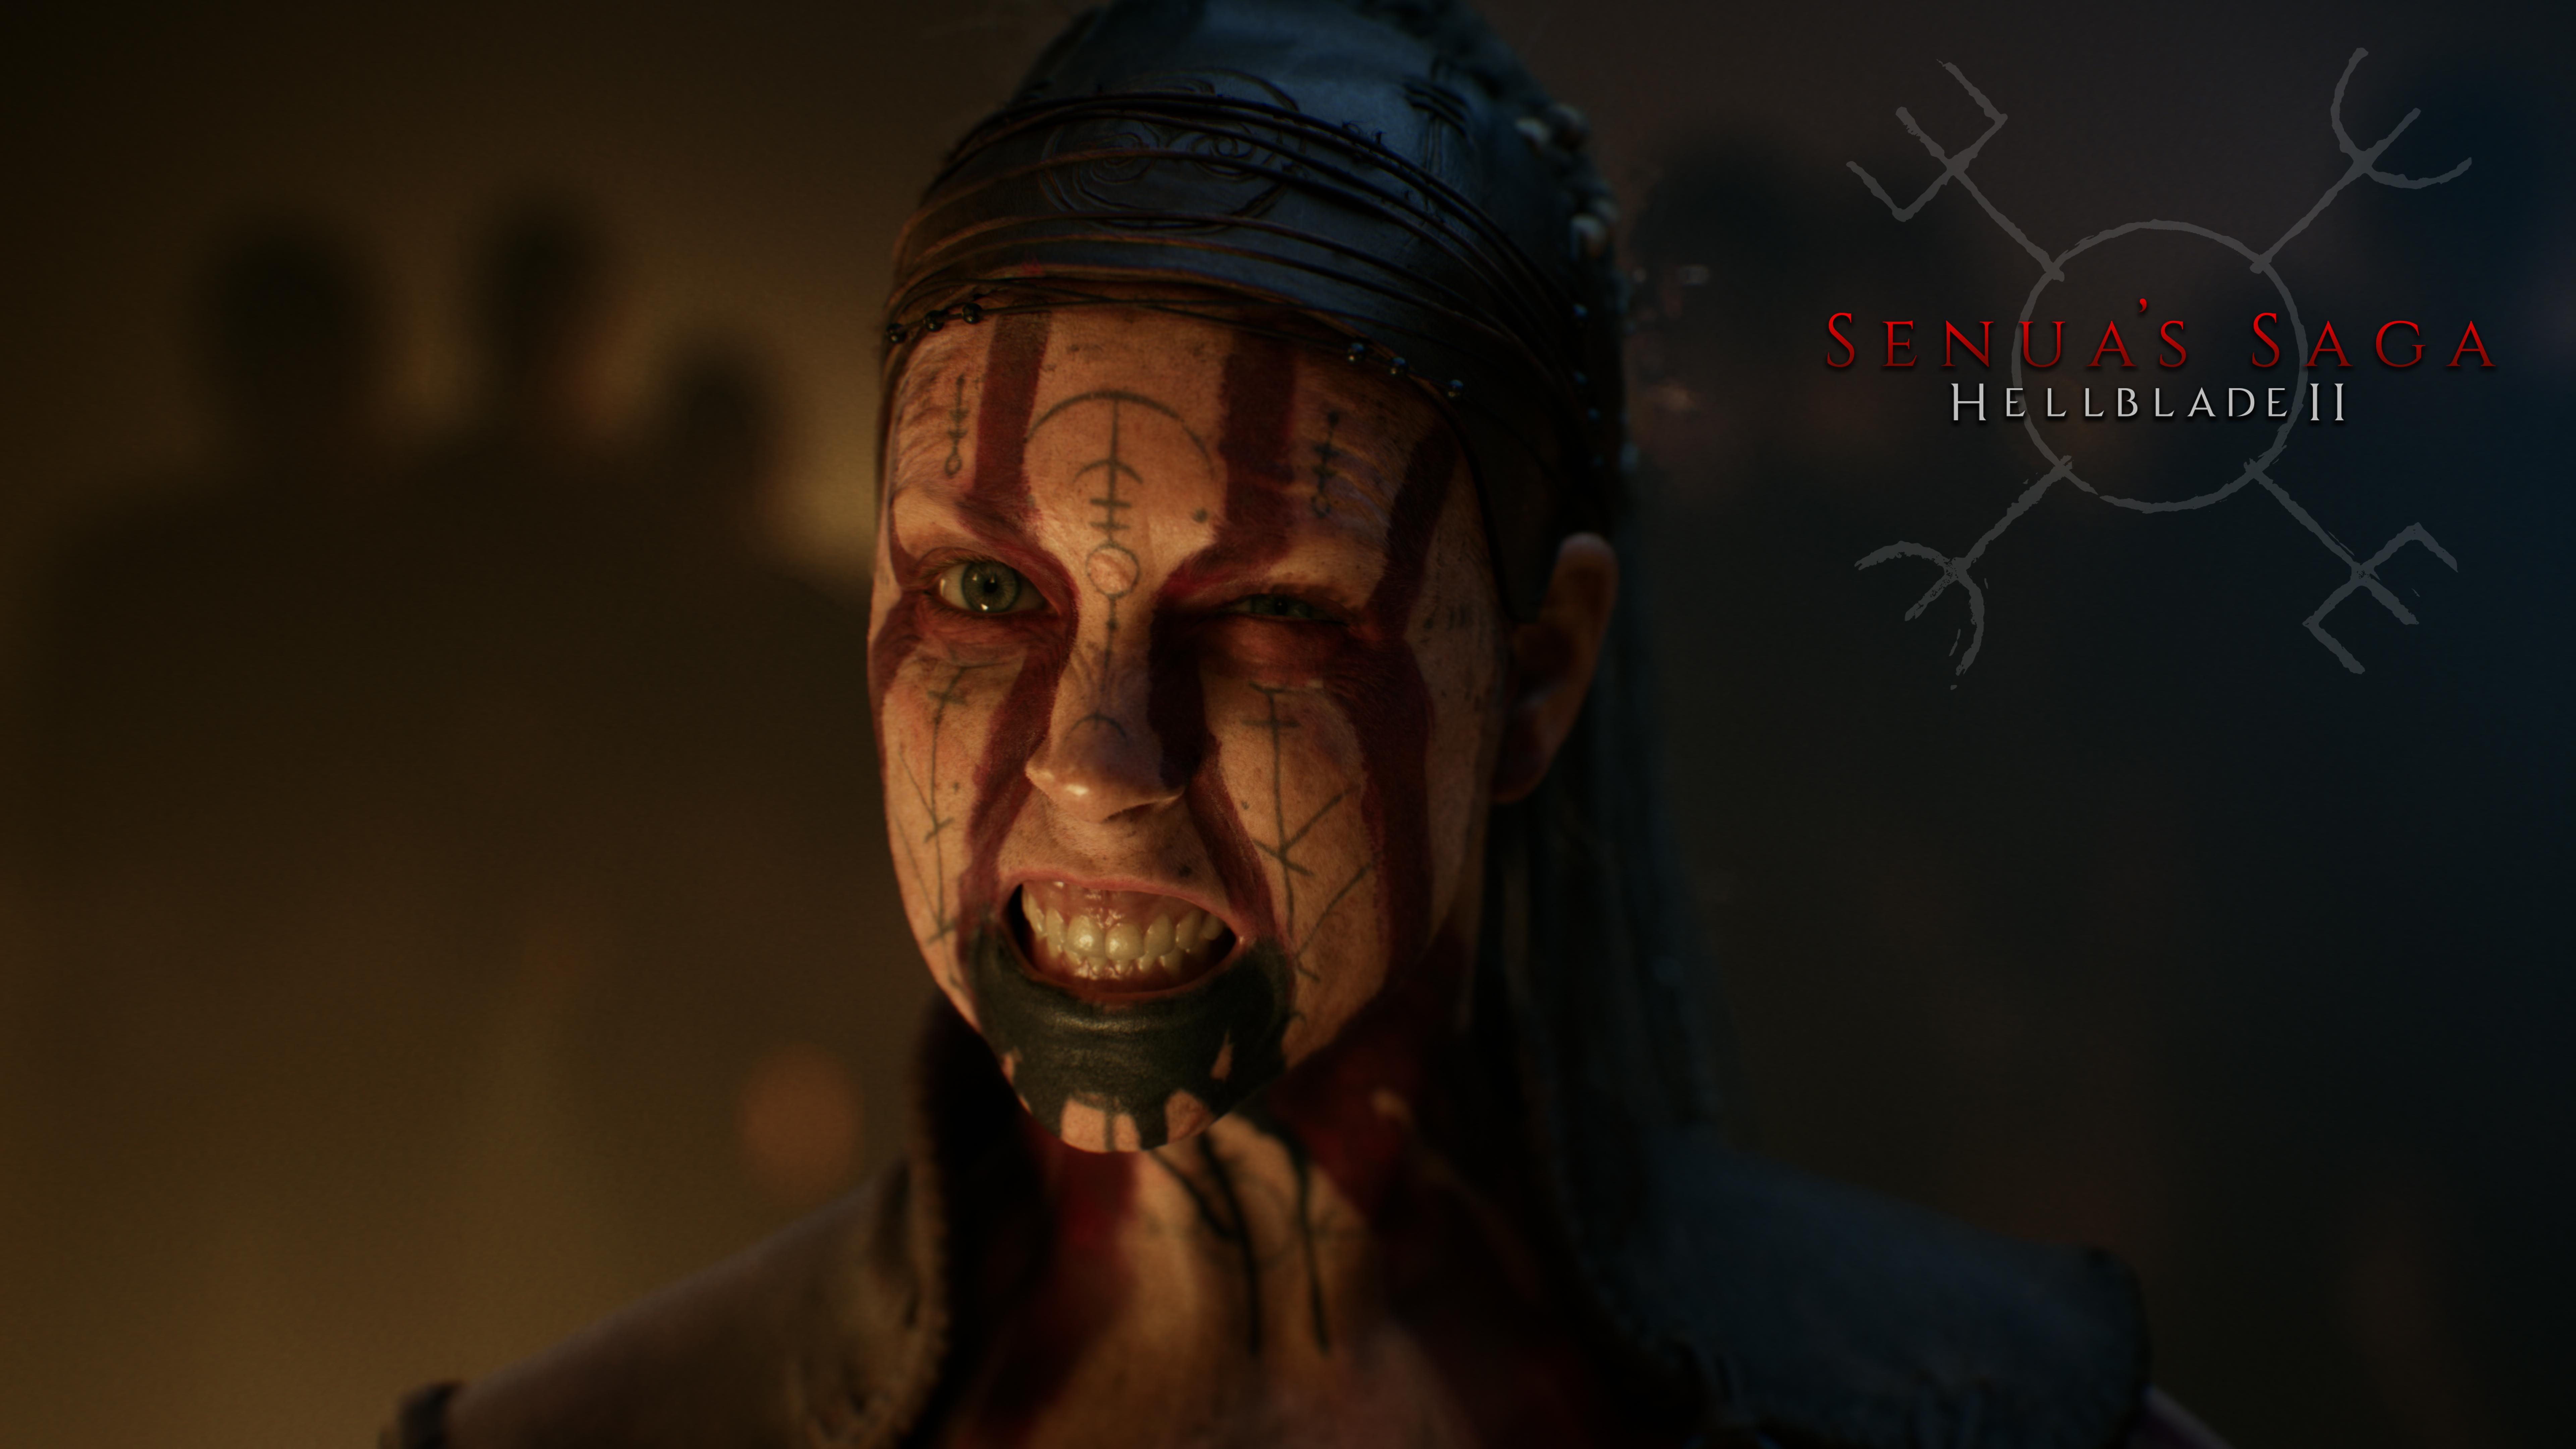 Обои [8K] - Senua's Saga: Hellblade 2